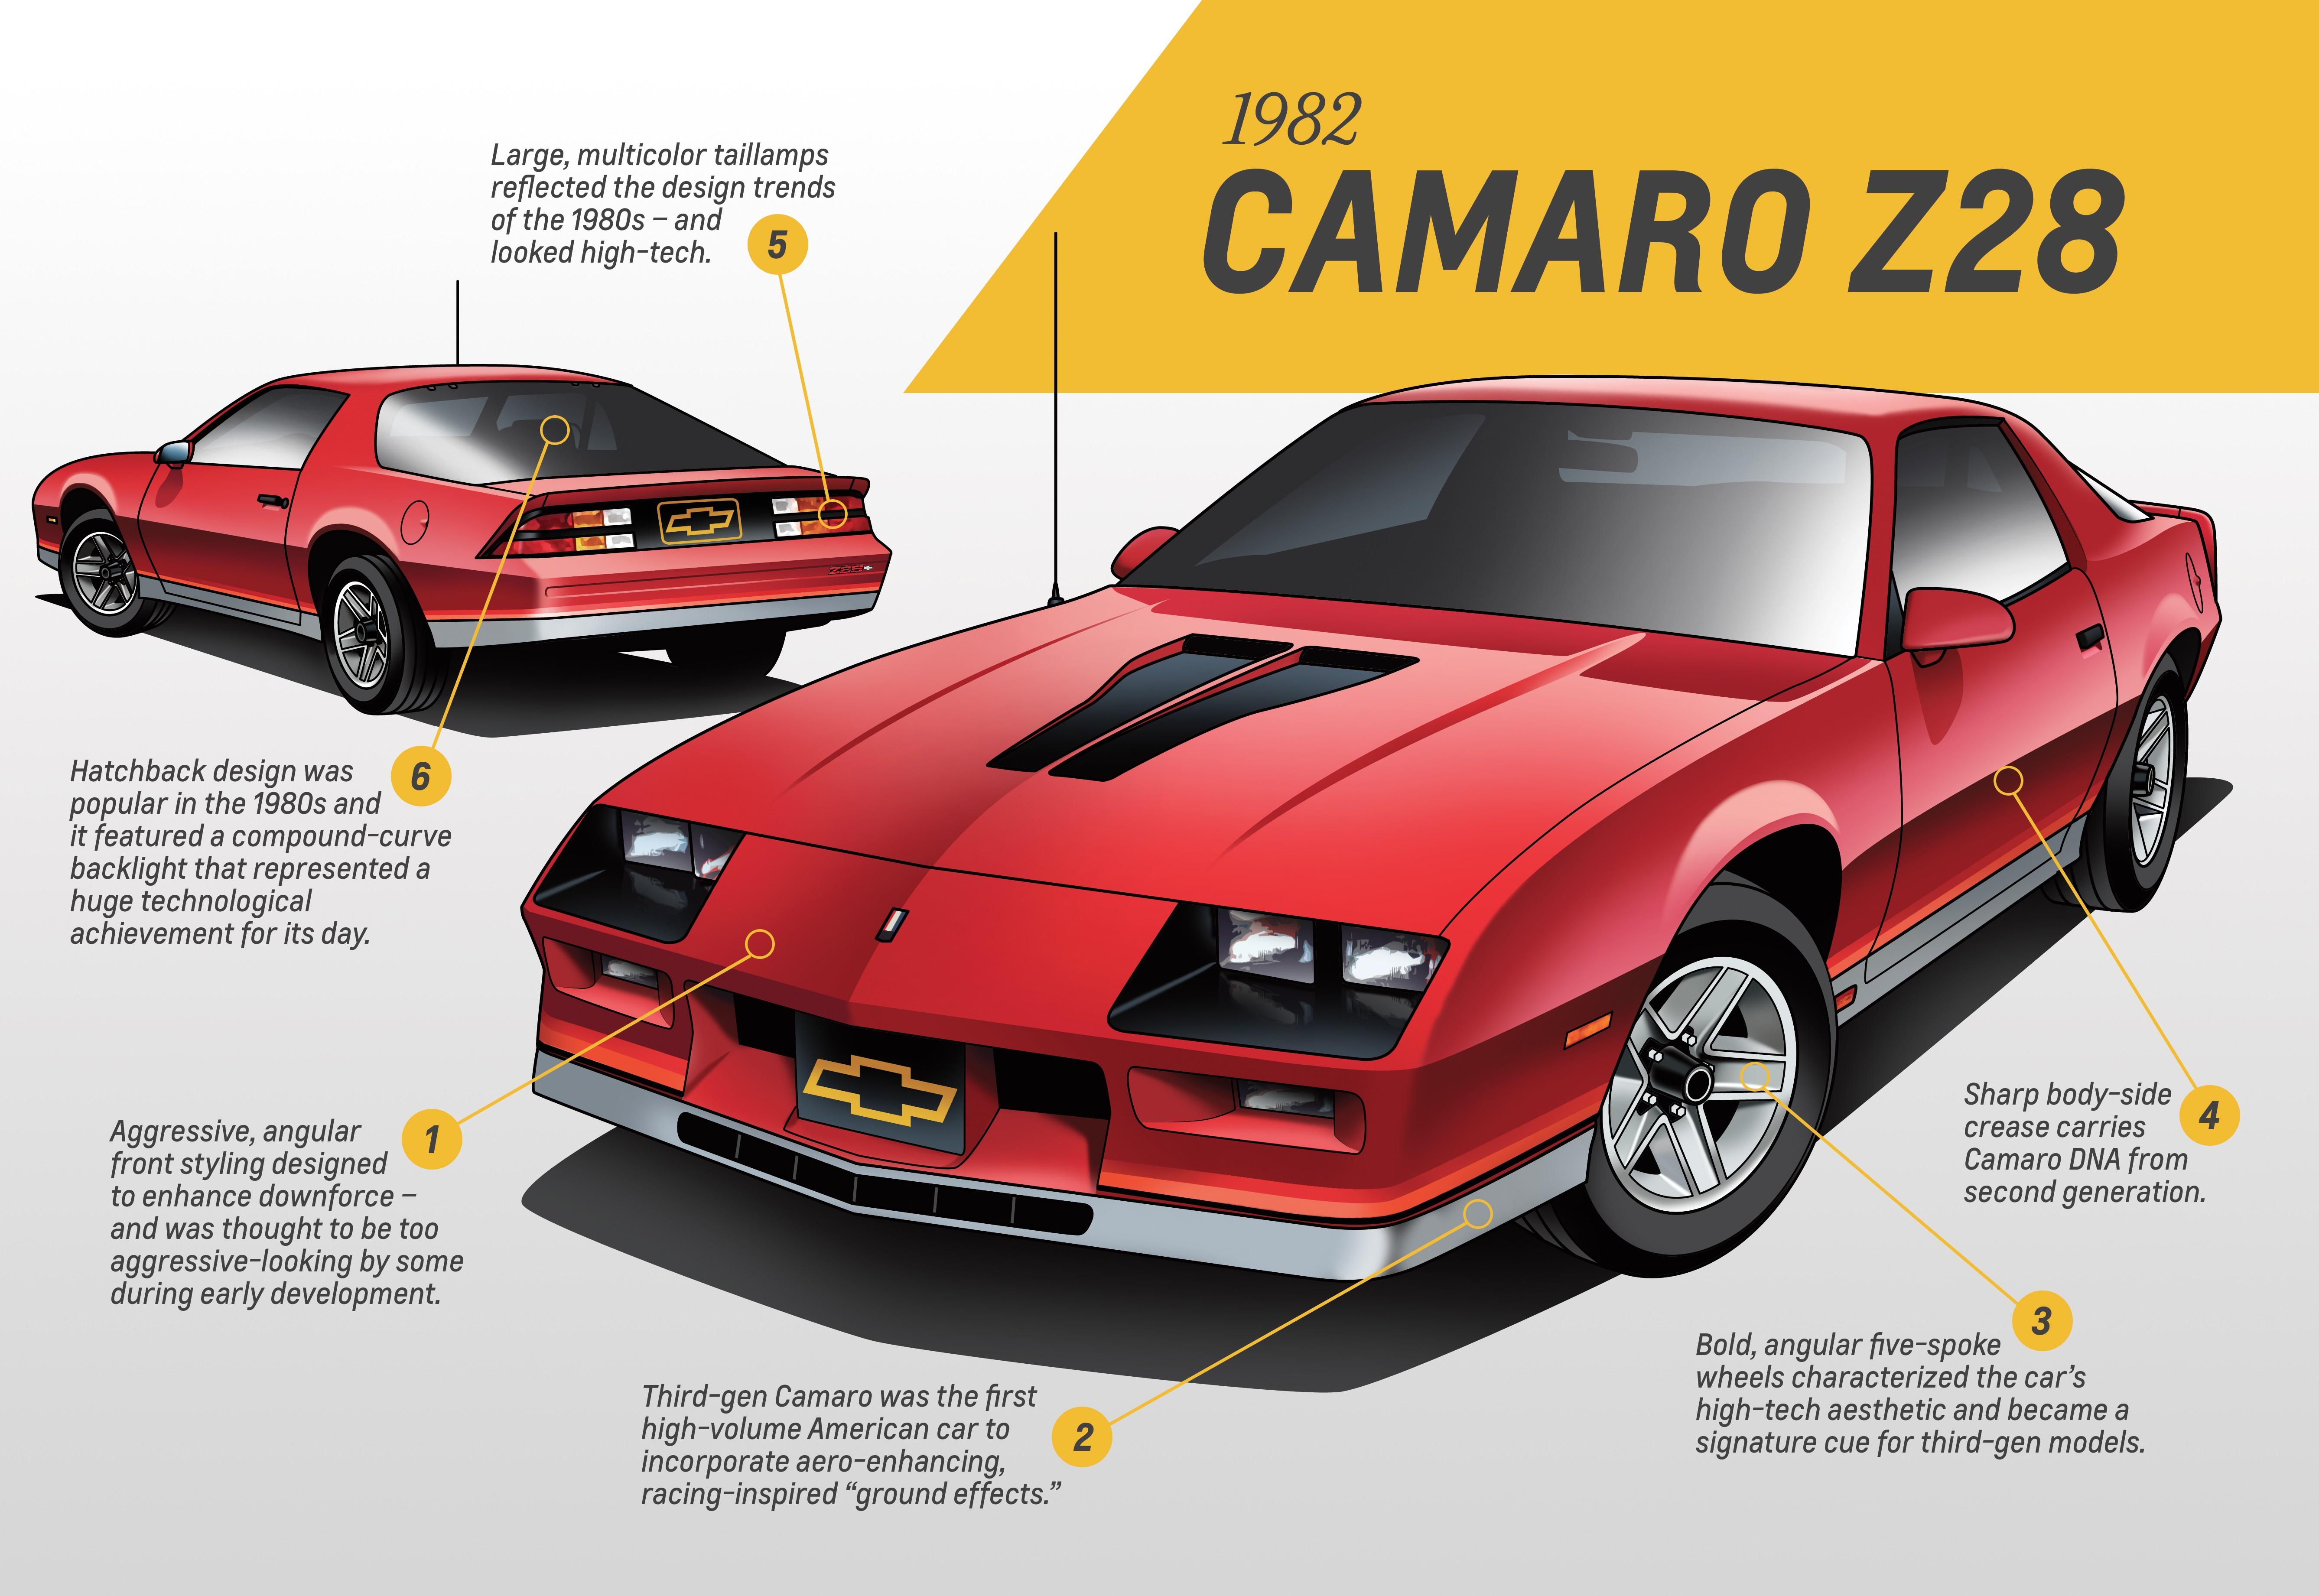 1978 chevrolet camaro z28 350 cu v8 185 hp 4 speed sold - Image